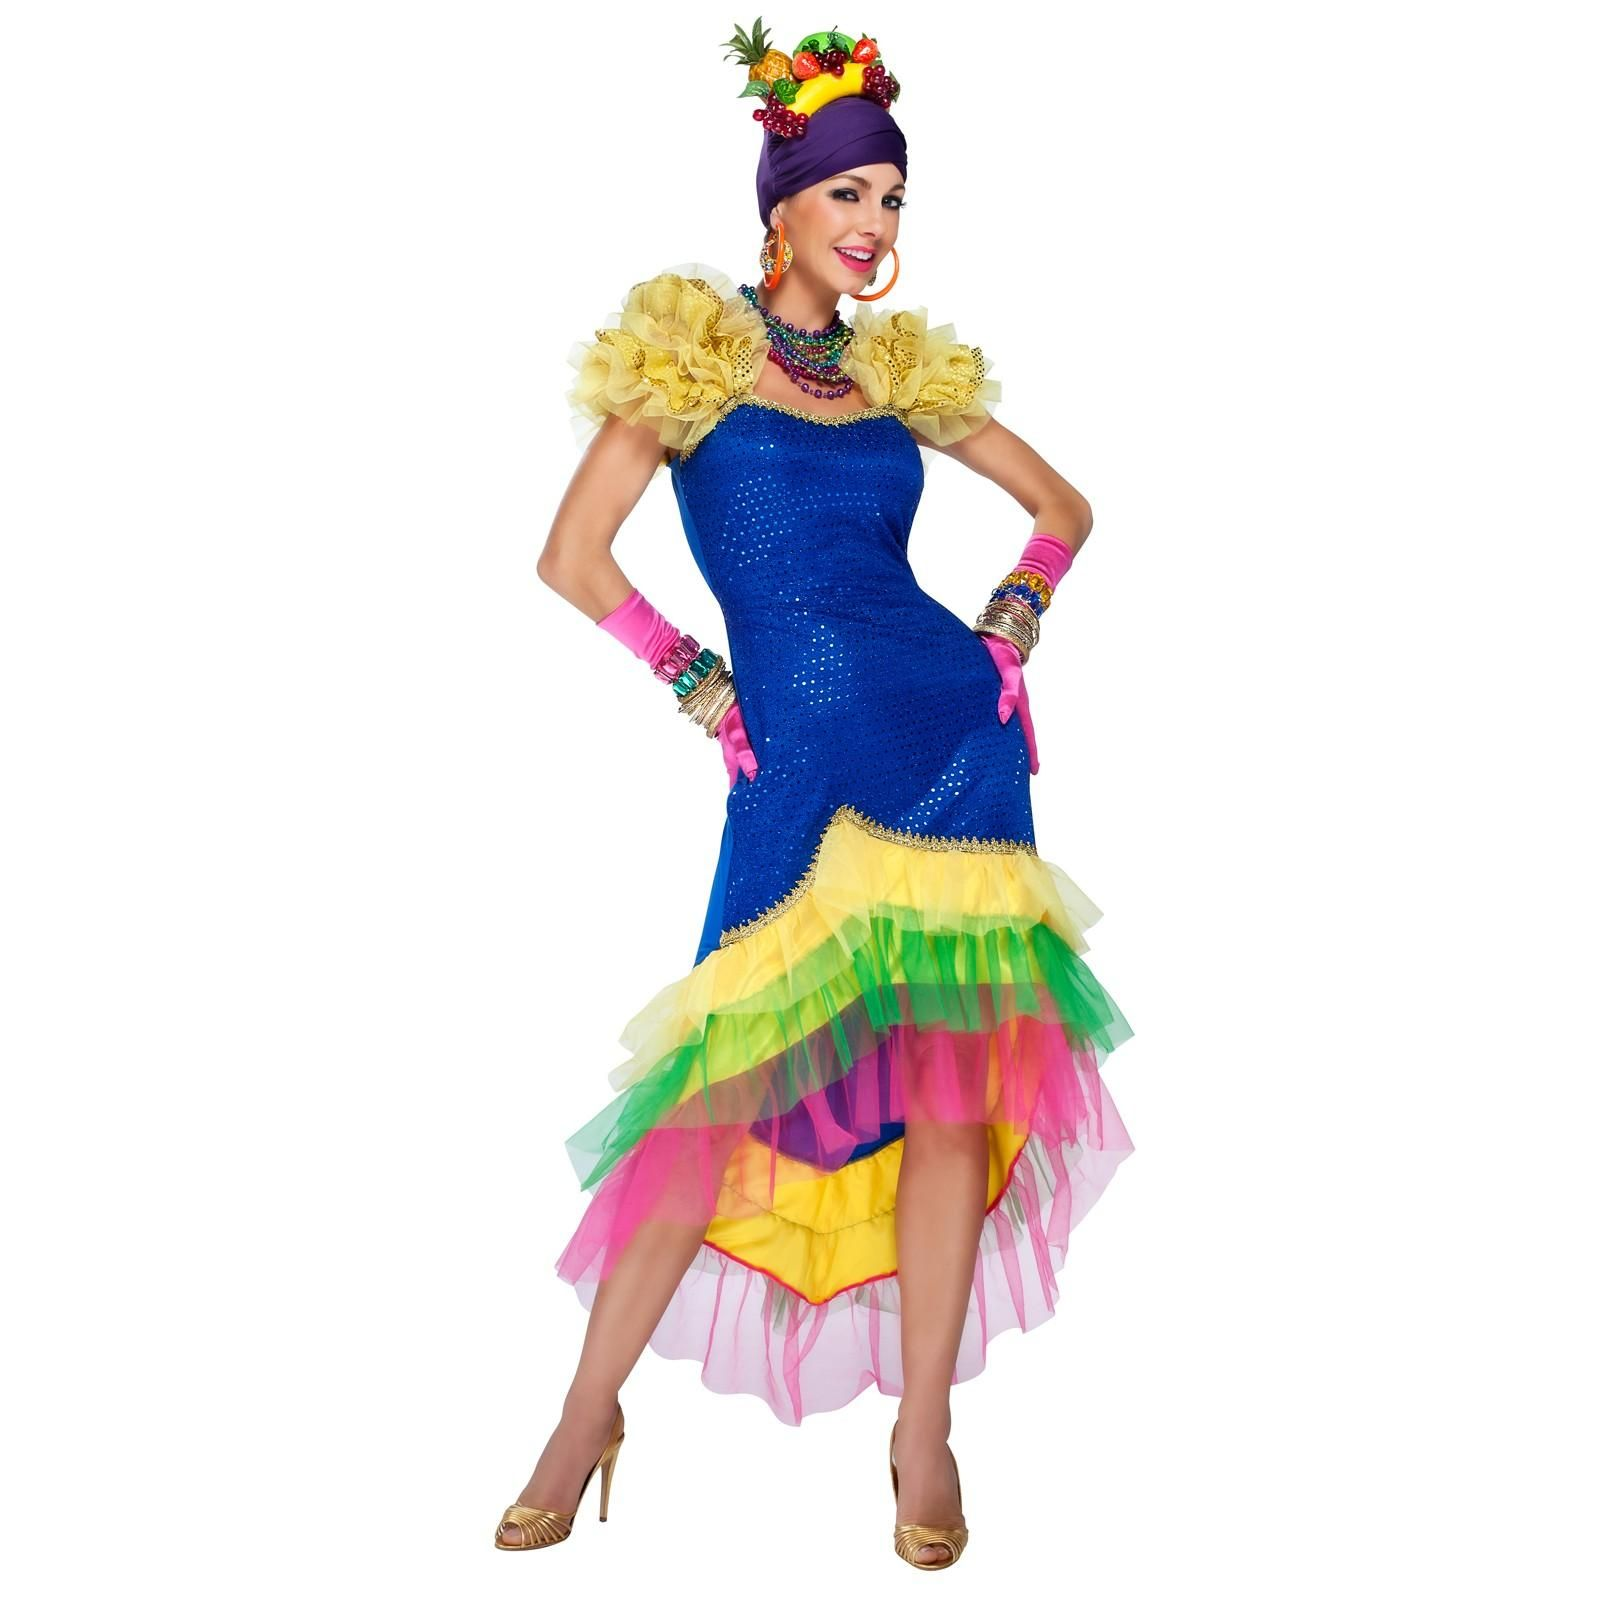 rio carmen miranda kids dance costumes , Google Search